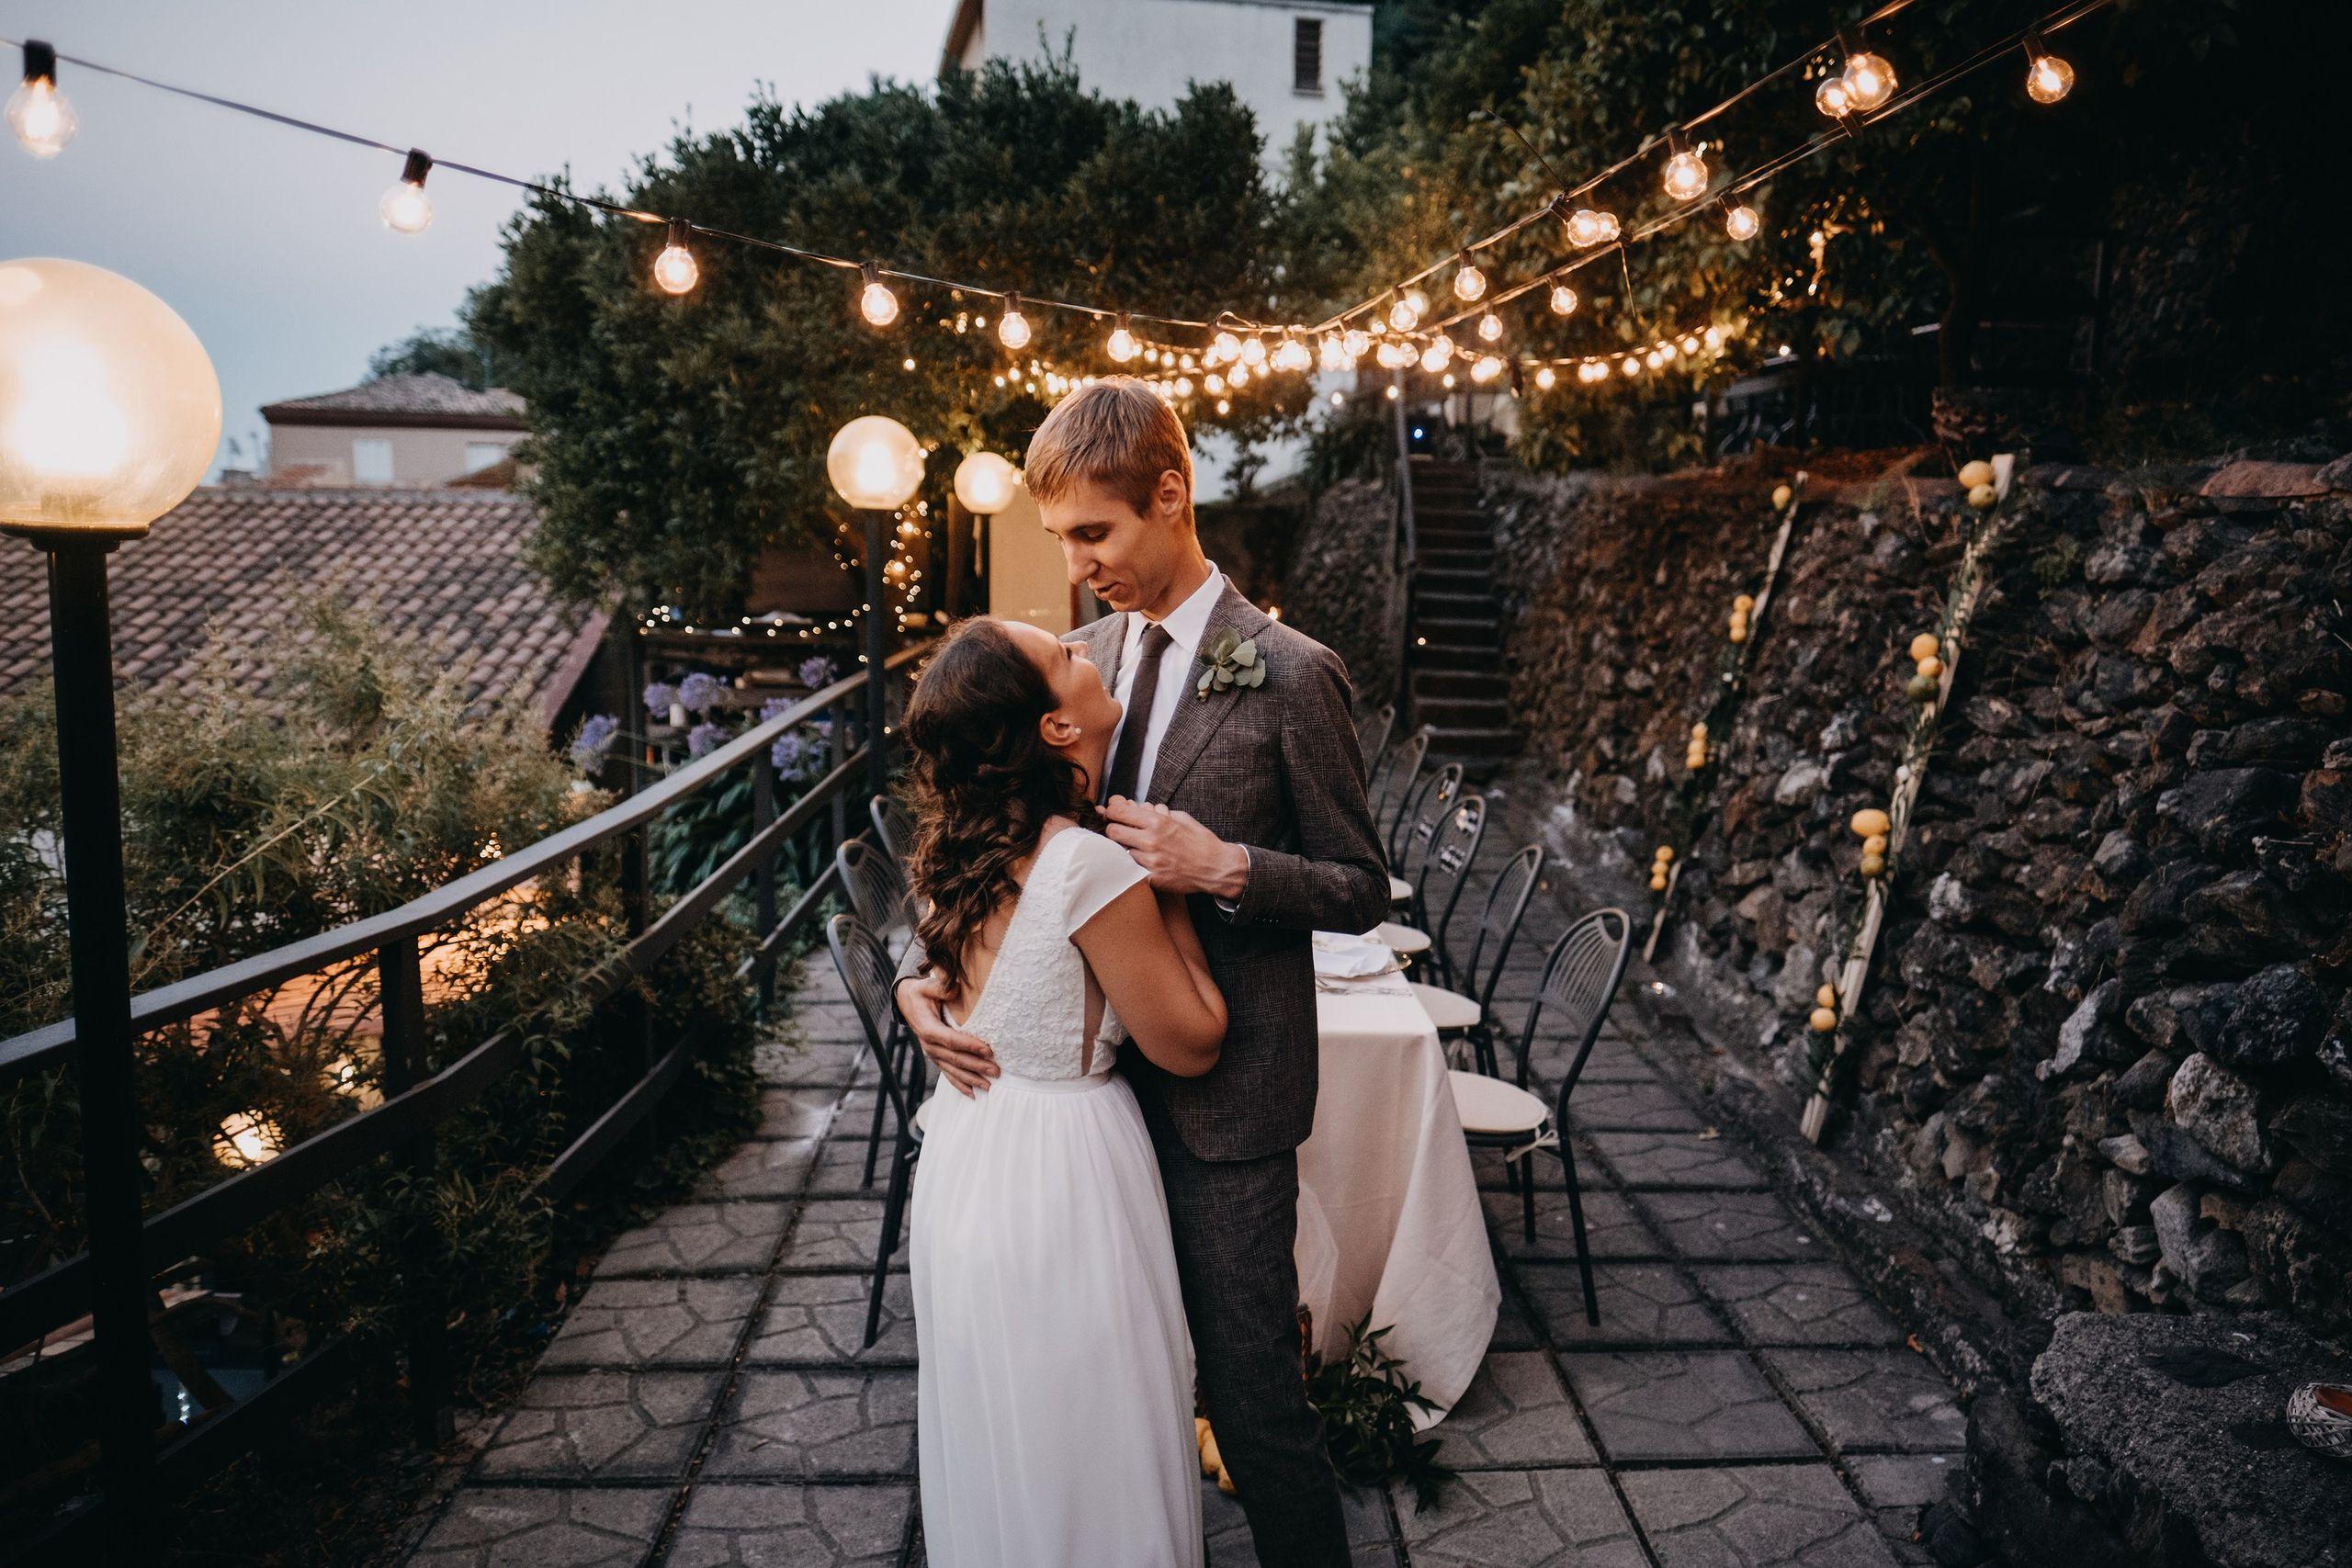 rustic boho stiliaus vestuvės fotosesija senas pastatas fotografas nuotaka suknelė Silcilija Italija kalnai Itala